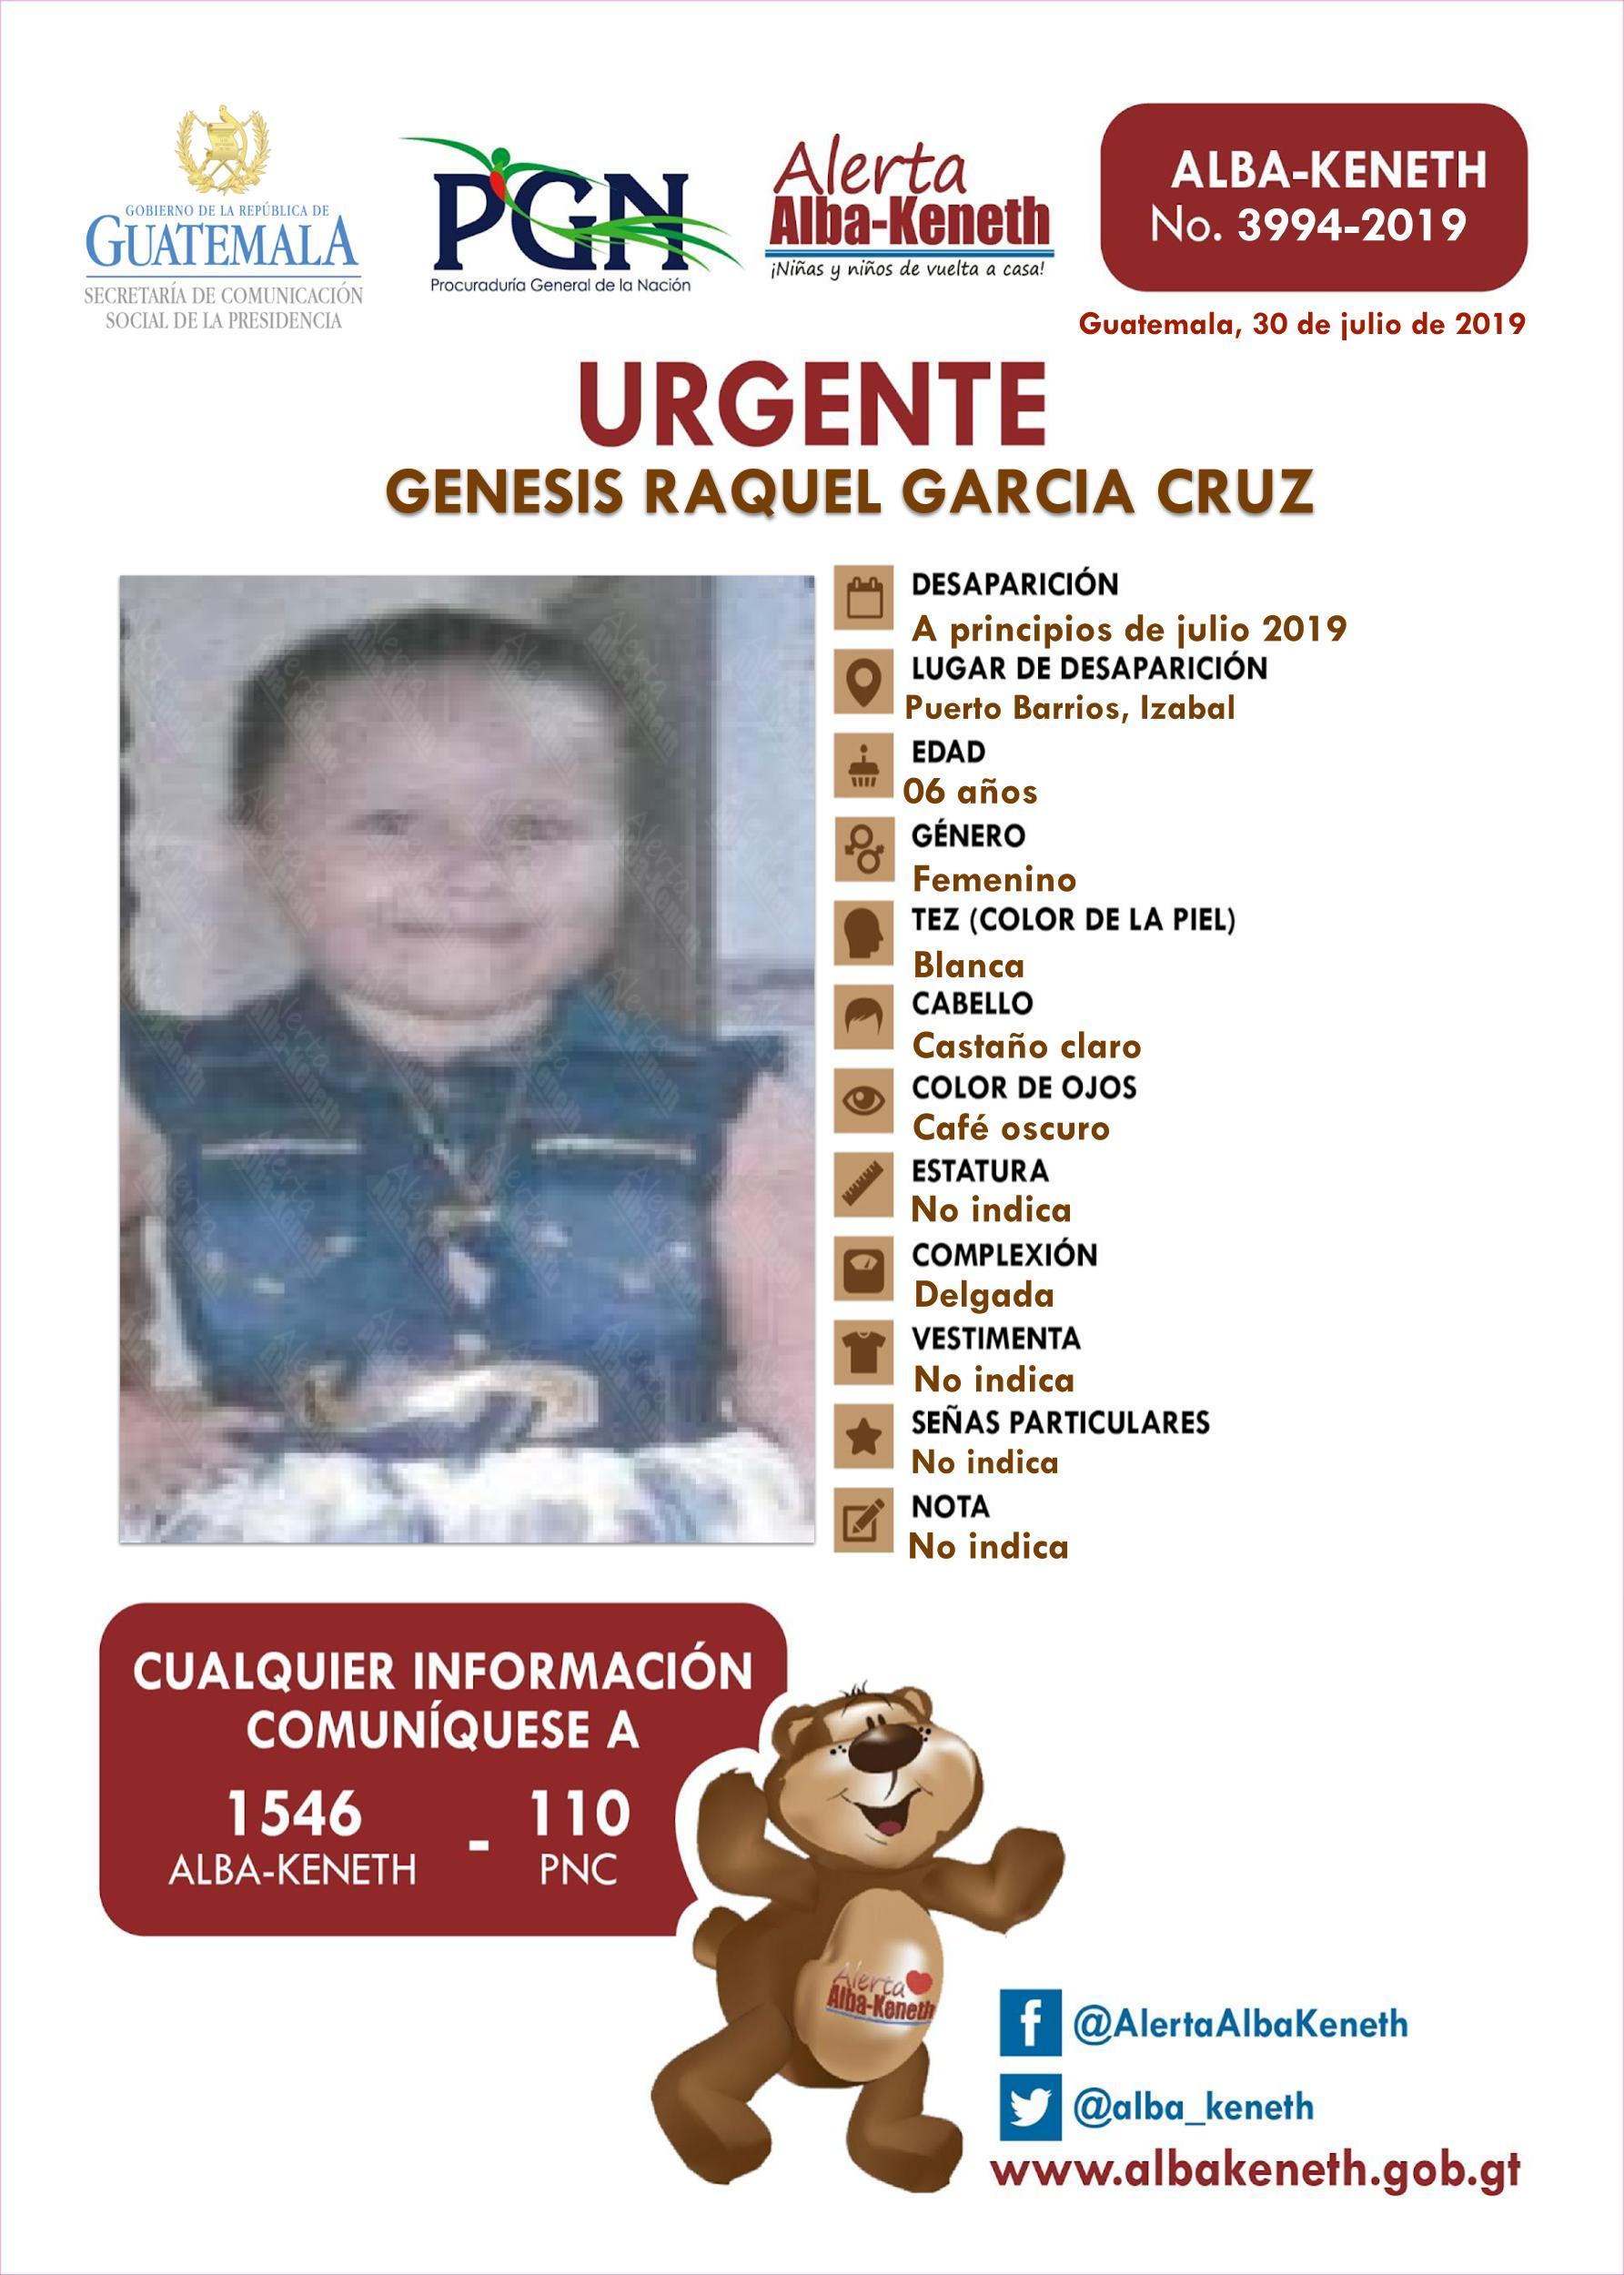 Genesis Raquel Garcia Cruz